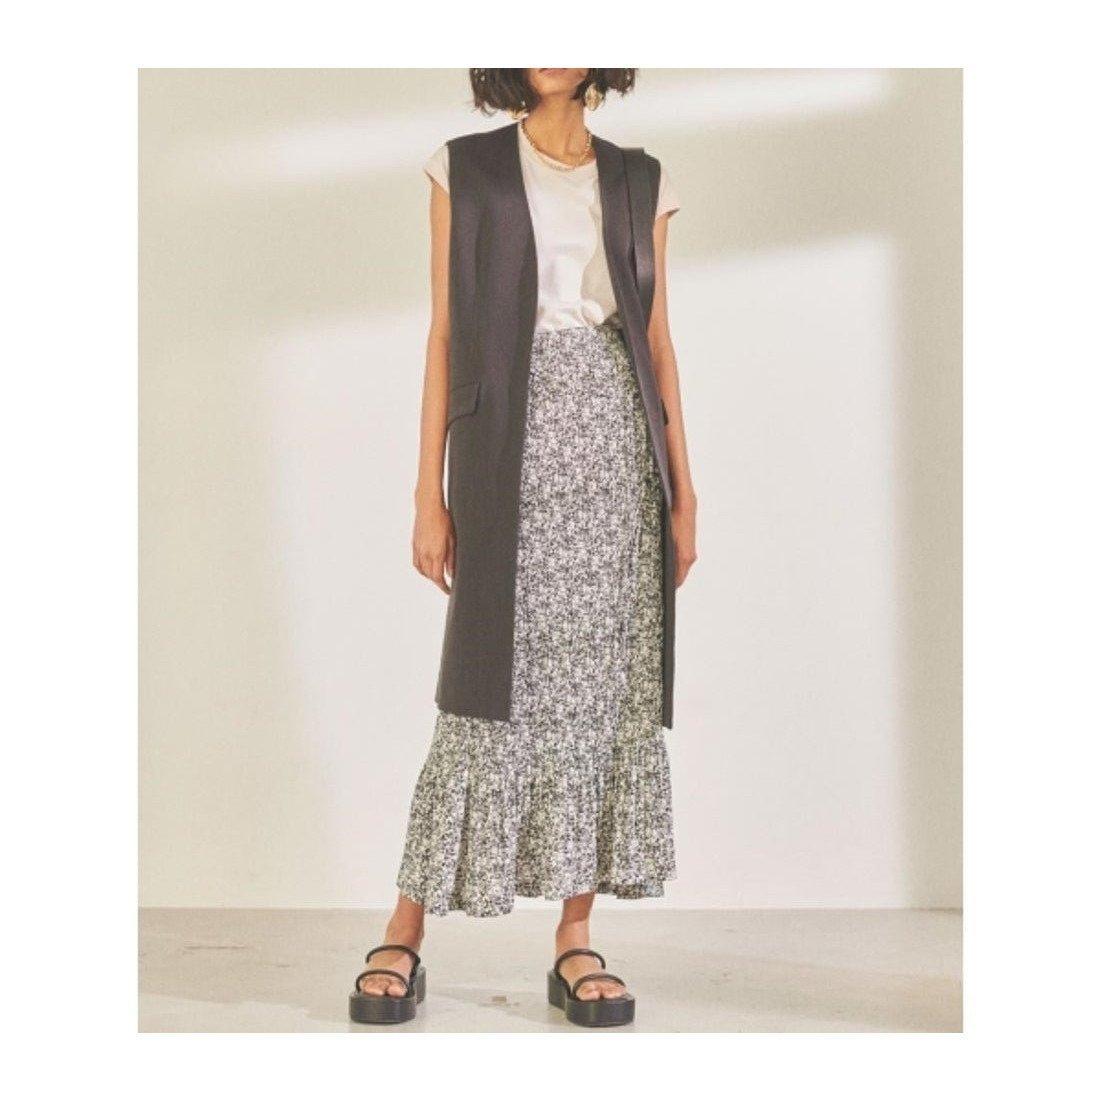 マジョリカプリーツ加工で華やかに、セットアップならオケージョンにもおすすめなマジョリカプリーツロングスカート 人気、トレンドファッション・服の通販 founy(ファニー) 【ミラオーウェン/Mila Owen】 トレンドファッション・スタイル  Fashion Trends ブランド Brand ファッション Fashion レディースファッション WOMEN スカート Skirt ロングスカート Long Skirt イエロー オケージョン 春 Spring シンプル ジョーゼット スマート セットアップ フレア プリーツ ロング 2021年 2021 S/S・春夏 SS・Spring/Summer 2021春夏・S/S SS/Spring/Summer/2021 夏 Summer |ID:prp329100001465260